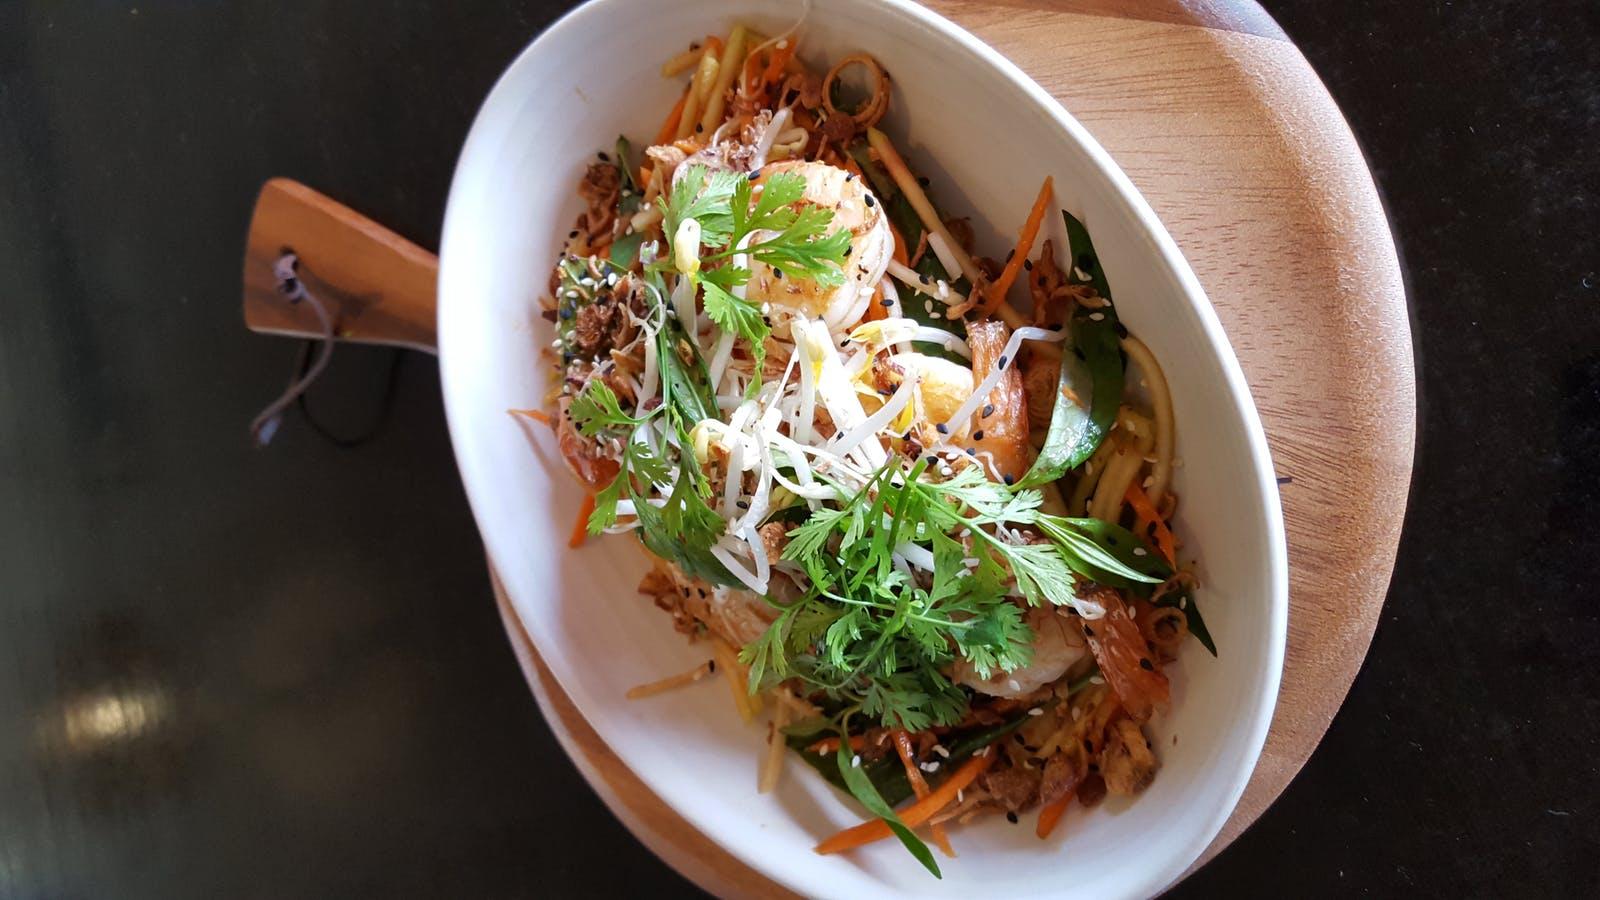 Vietnamese Green Mang Salad